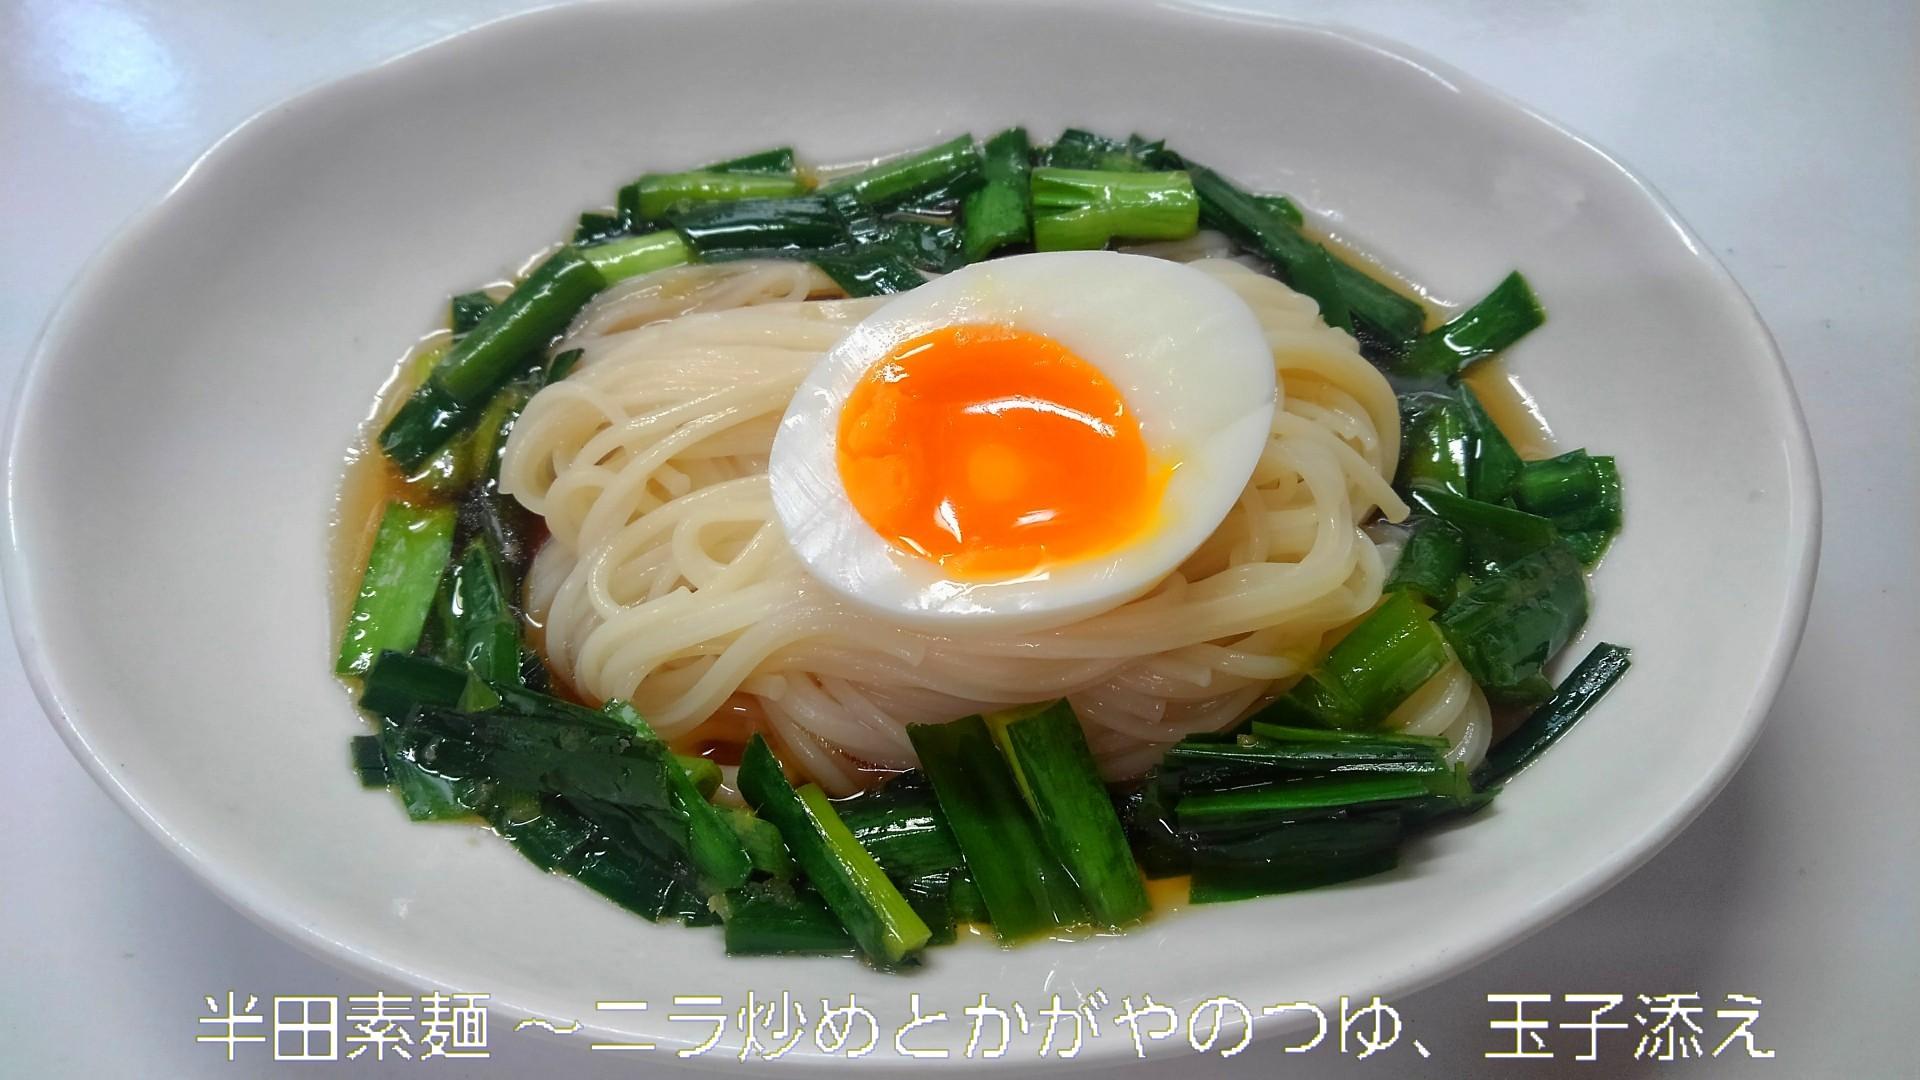 半田素麺、5連発(日を変えて)_b0339522_15265873.jpg